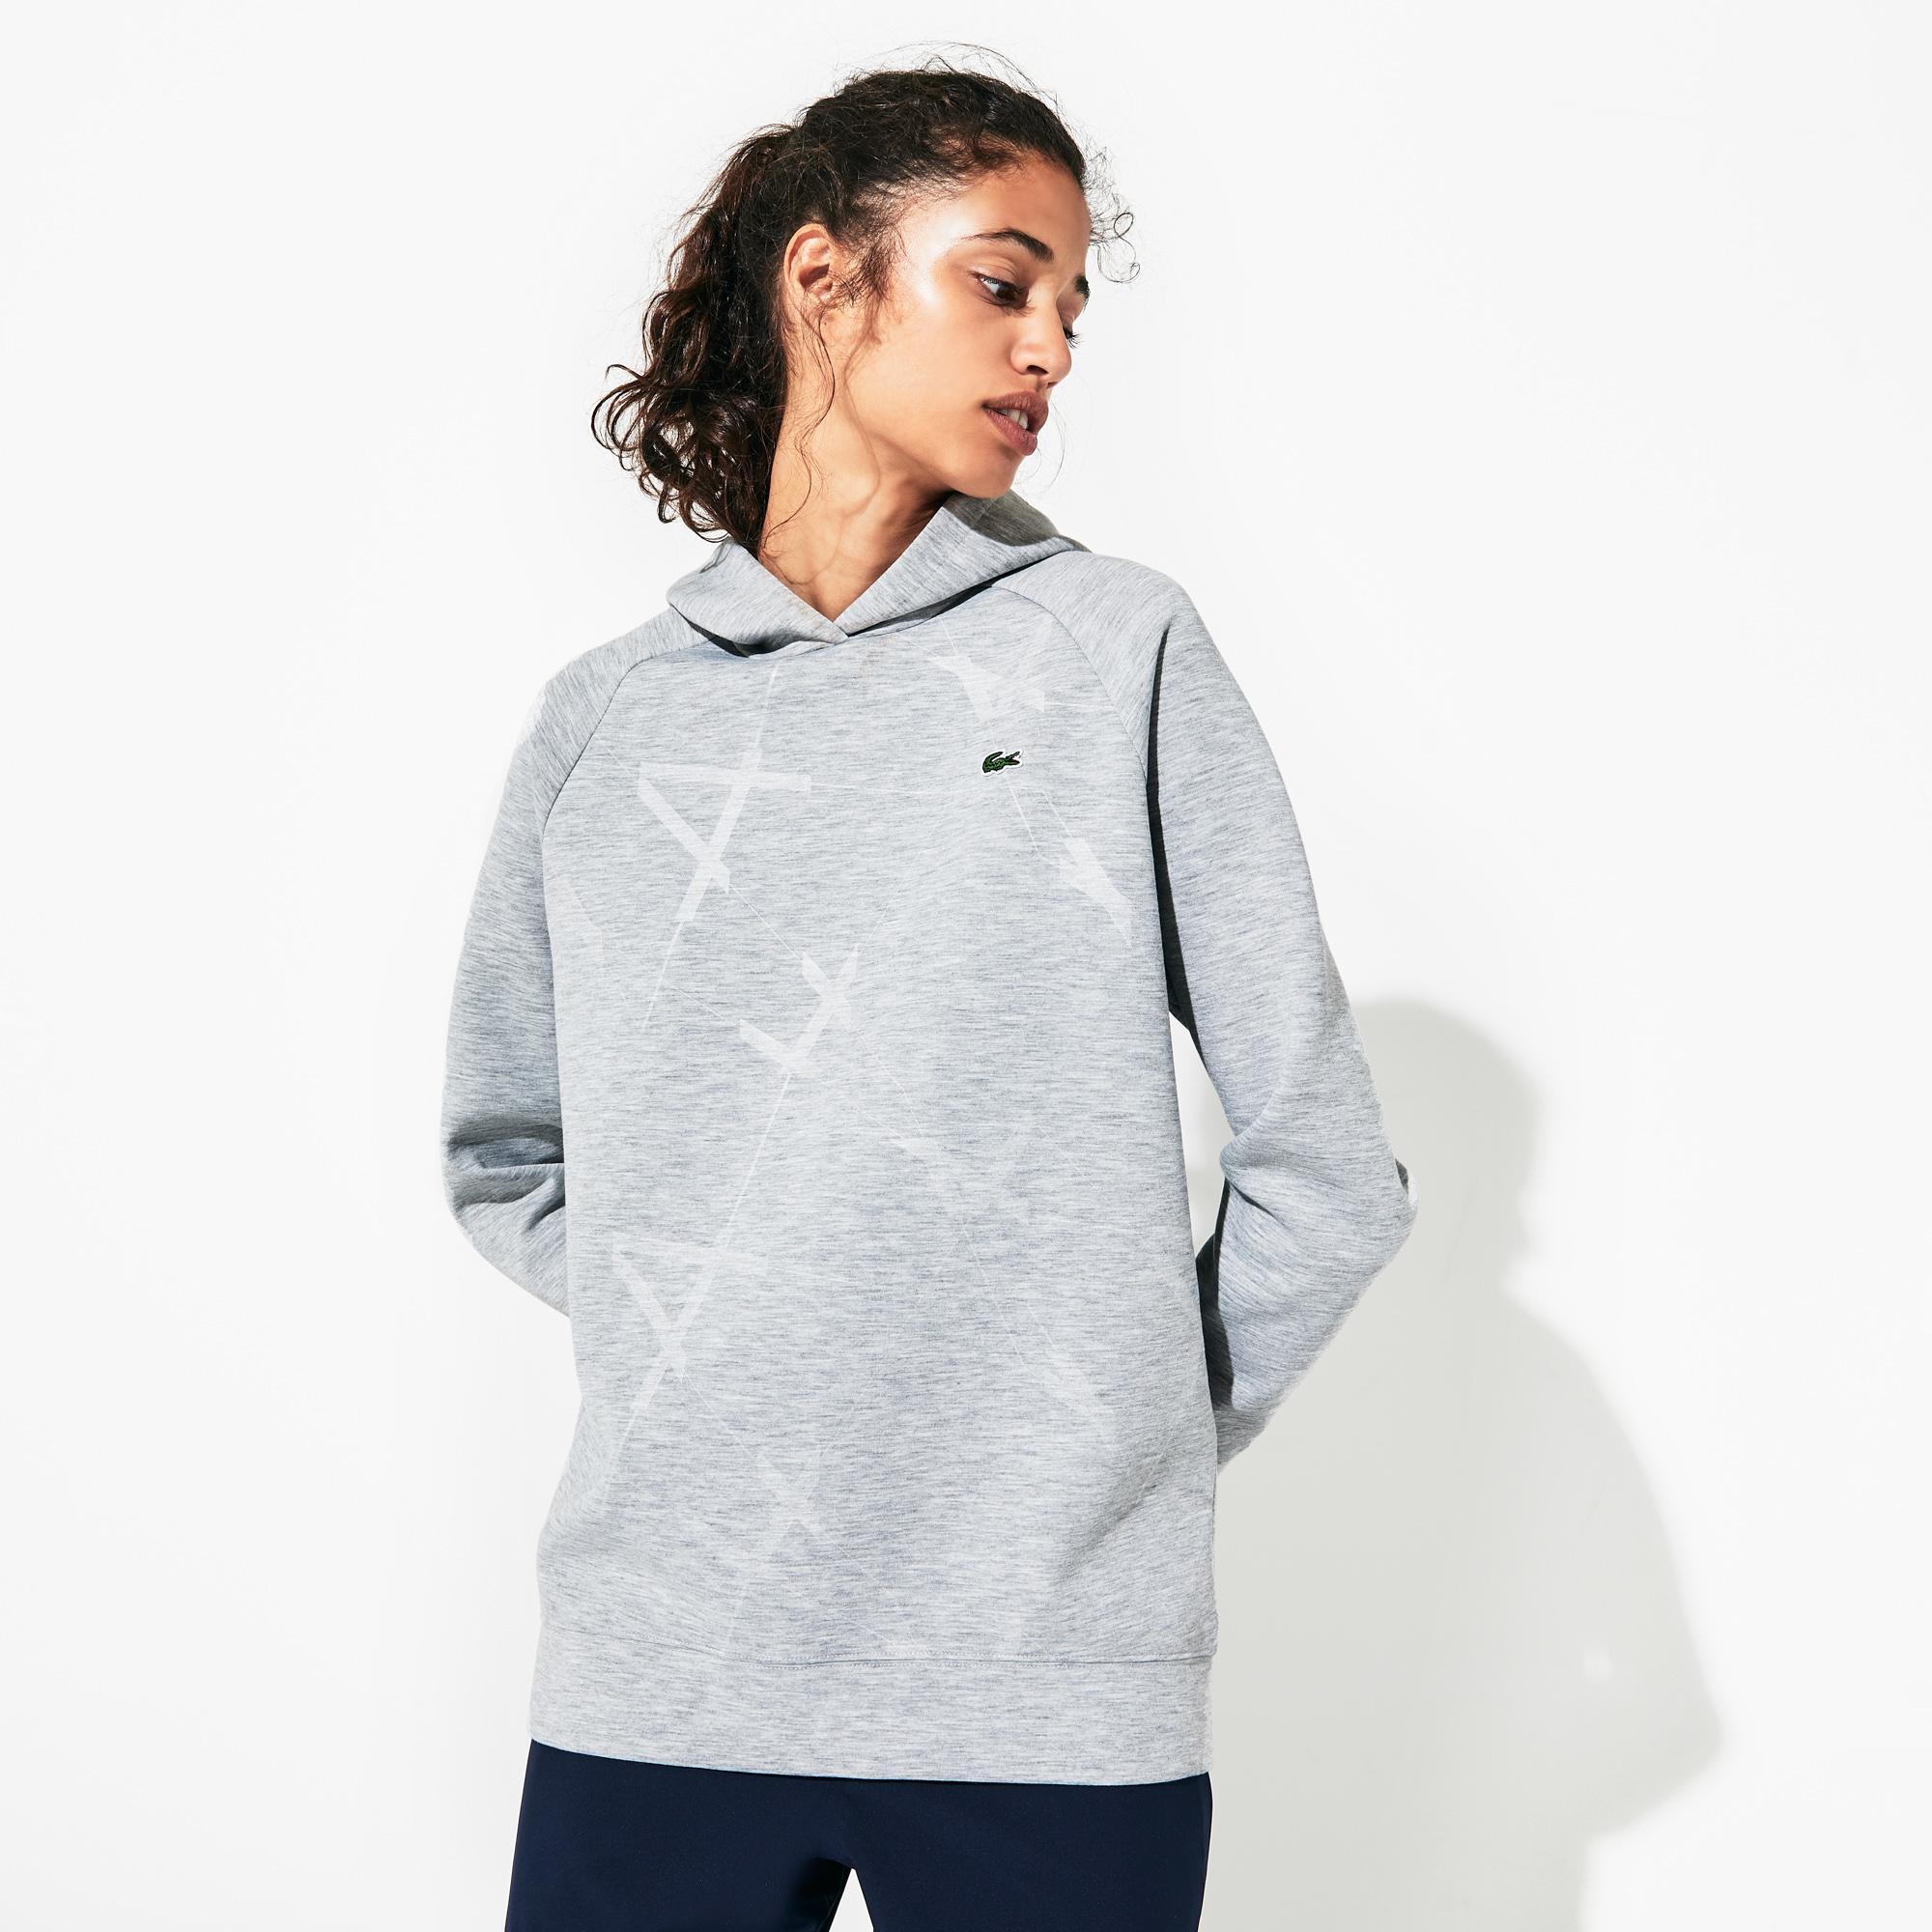 Lacoste Sport Women's Hooded Print Fleece Tennis Sweatshirt